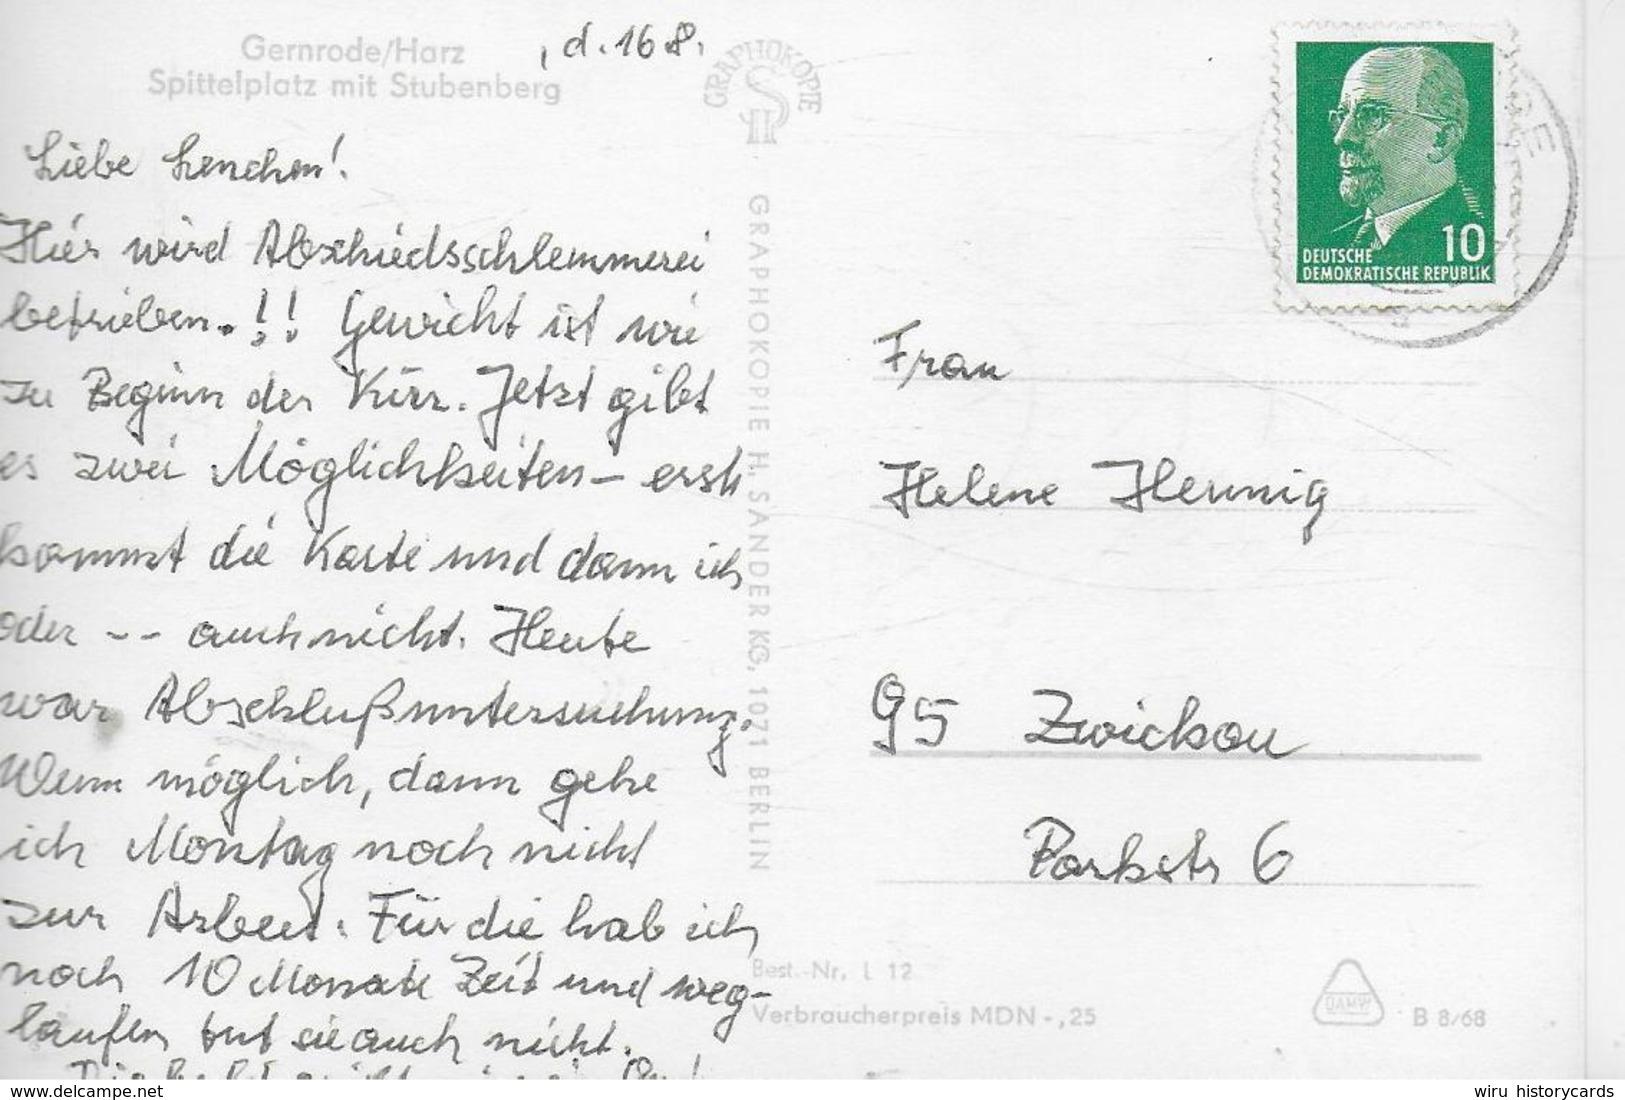 AK 0231  Gernrode - Spittelplatz Mit Stubenberg / Ostalgie , DDR Um 1968 - Quedlinburg